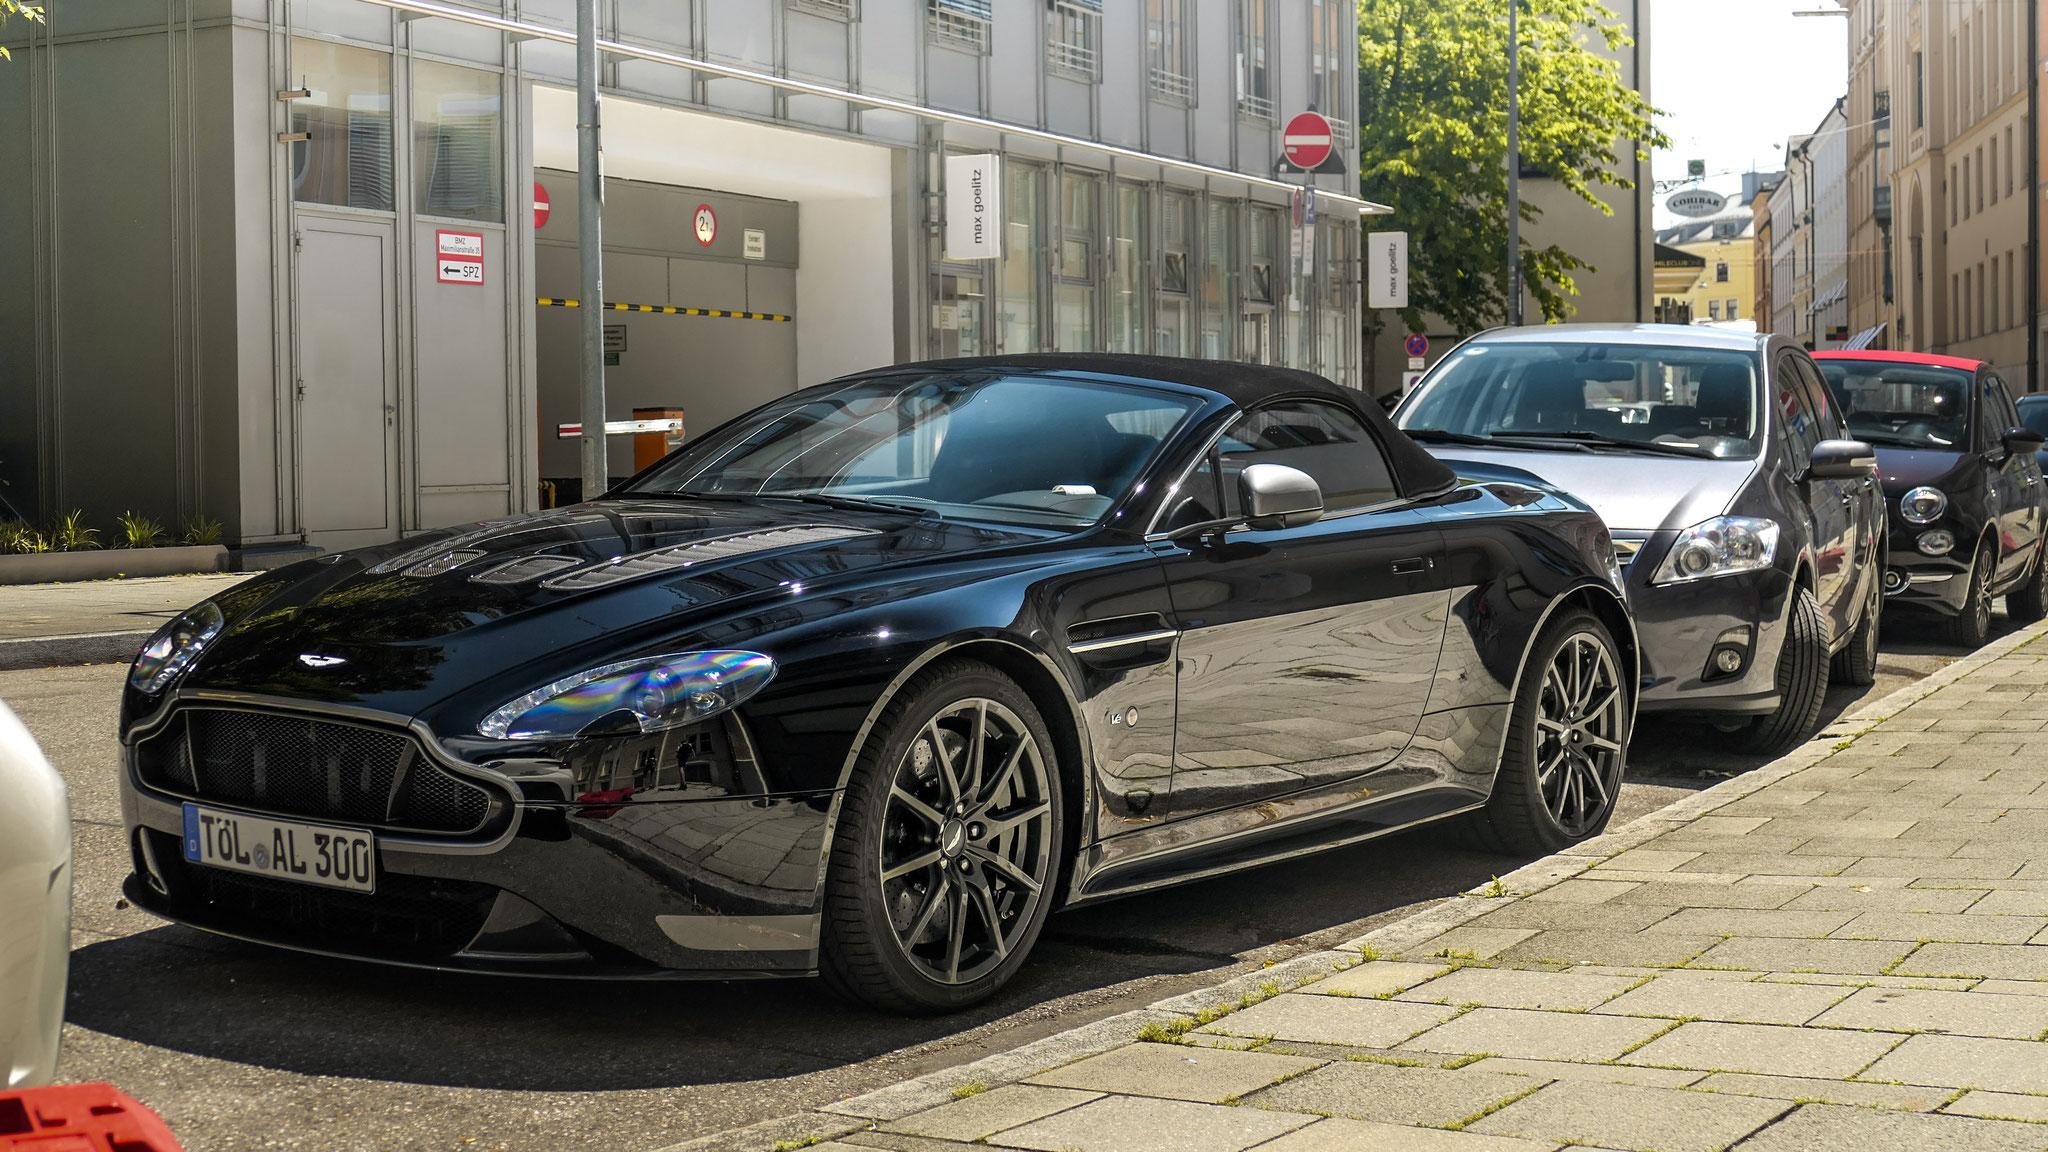 Aston Martin Vantage S V12 Volante - TÖL-AL-300